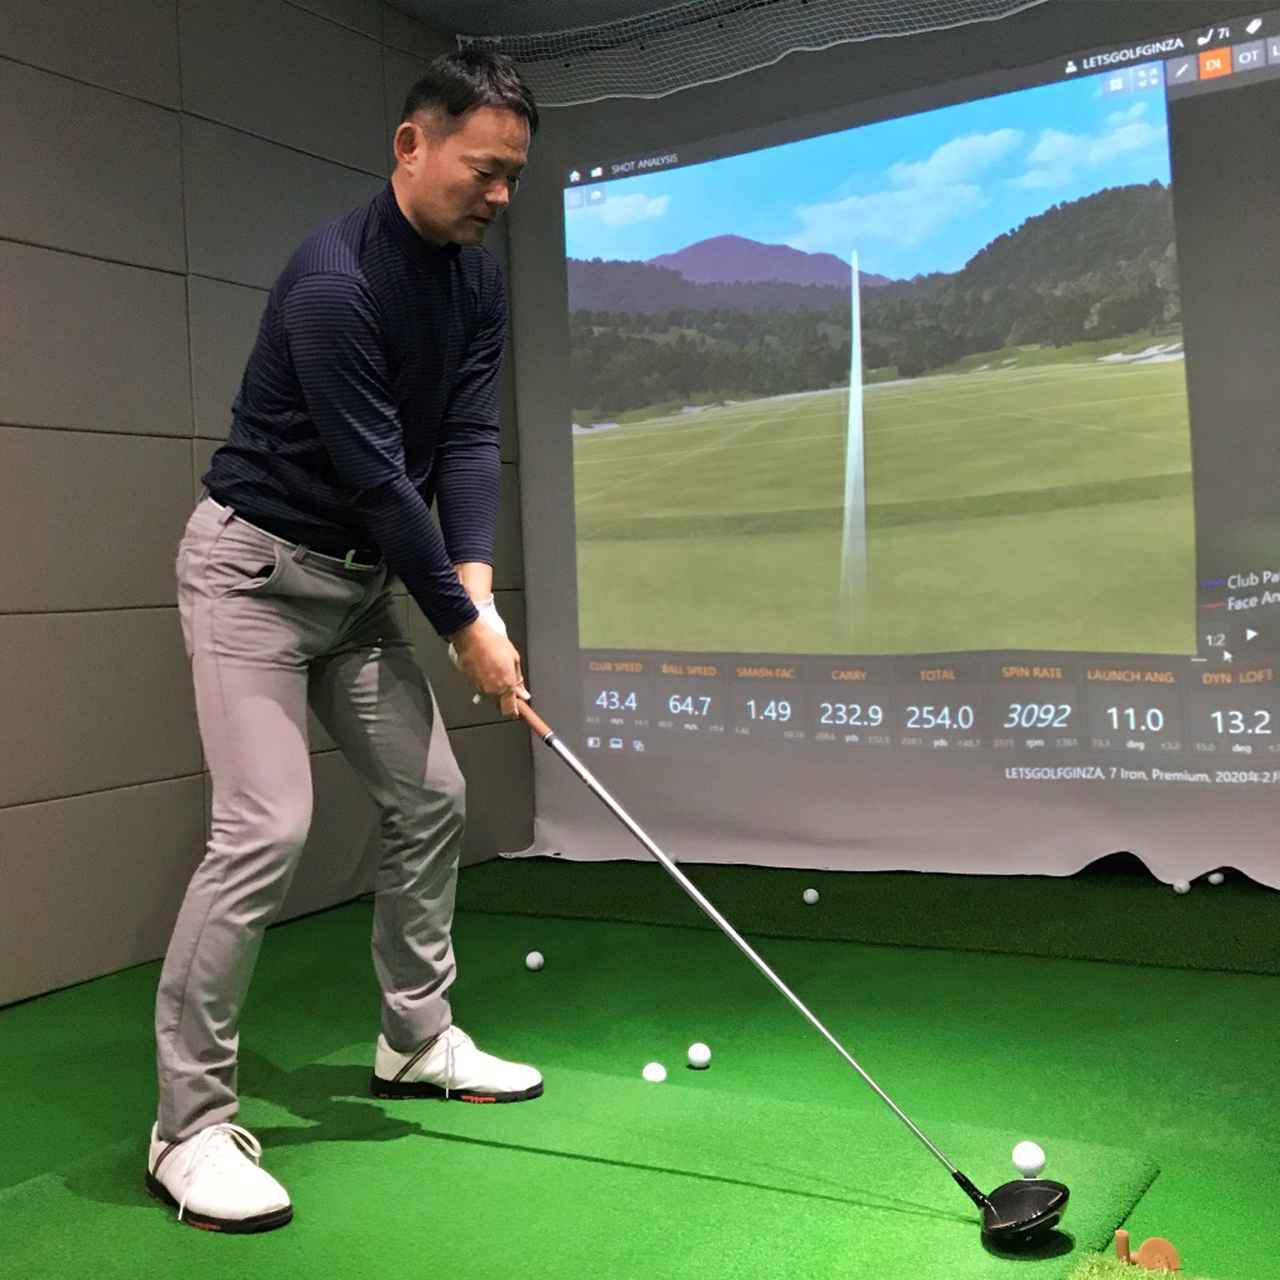 画像: 【試打】小暮博則 スウィング理論を日夜研究するプロゴルファー。ギアへの精通はゴルフダイジェスト試打企画でお馴染み